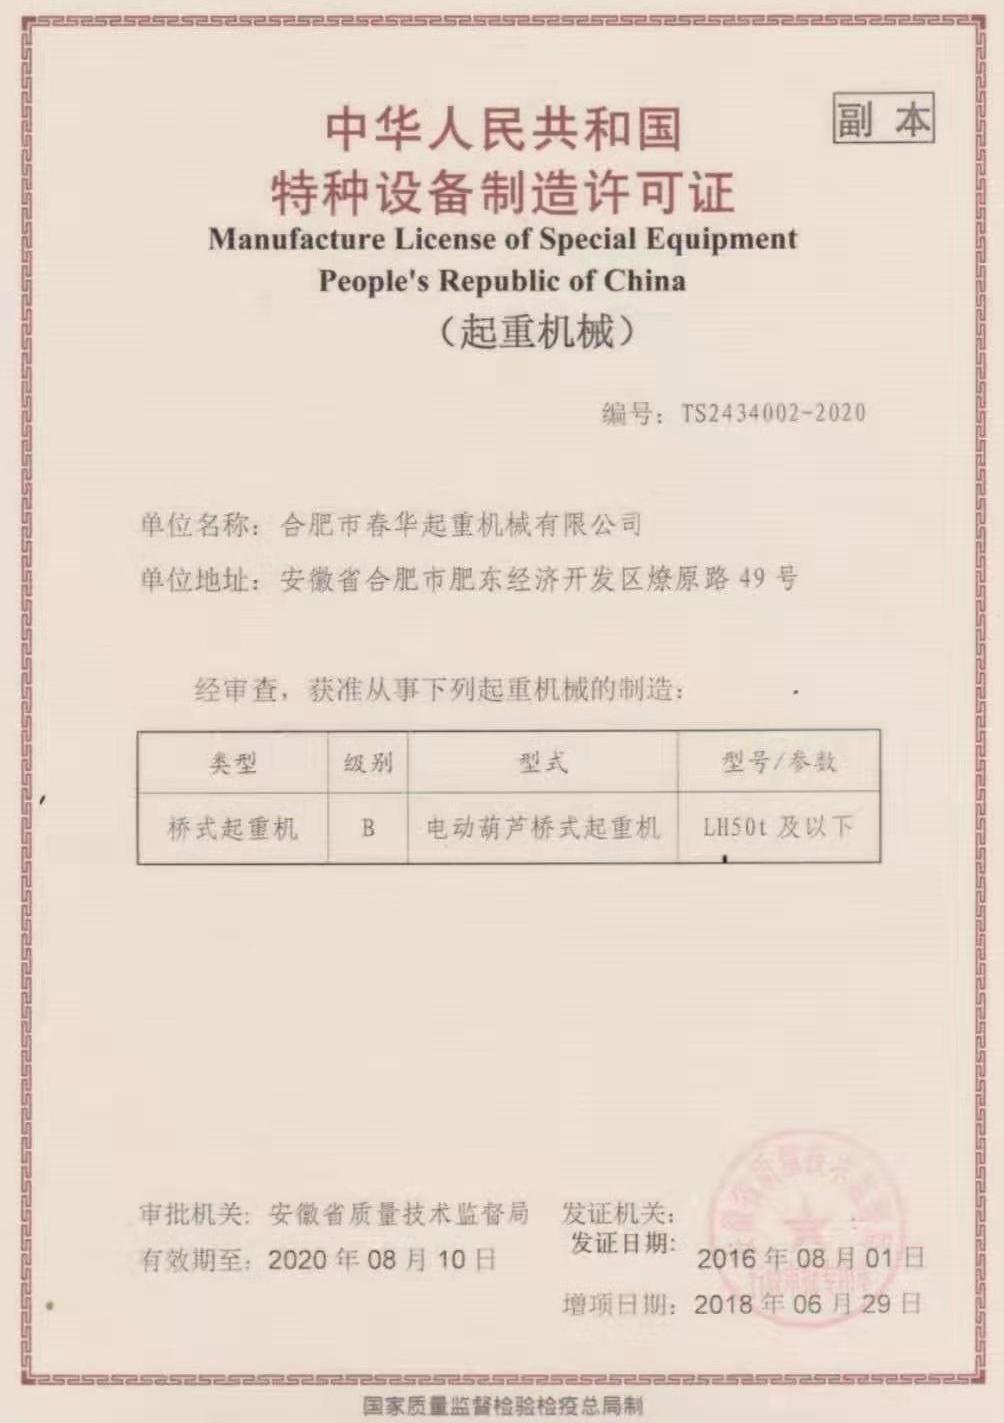 電動葫蘆橋式起重機特種設備制造許可證